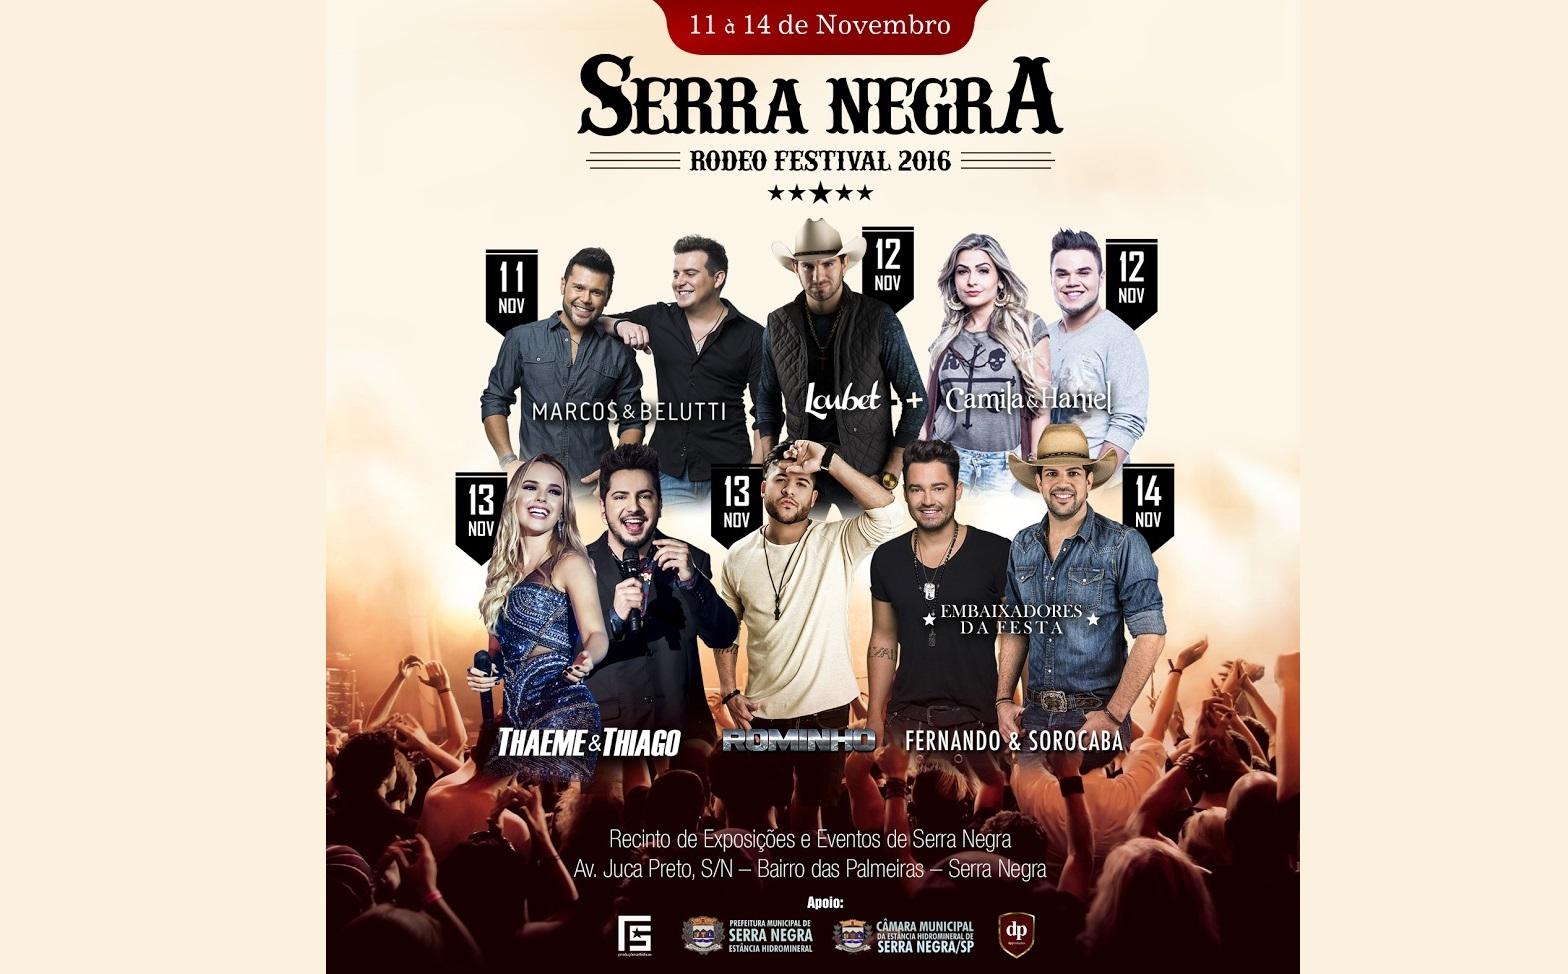 Marcos & Belutti abrem a 28ª edição do Serra Negra Rodeo Festival nesta sexta-feira (11) 41